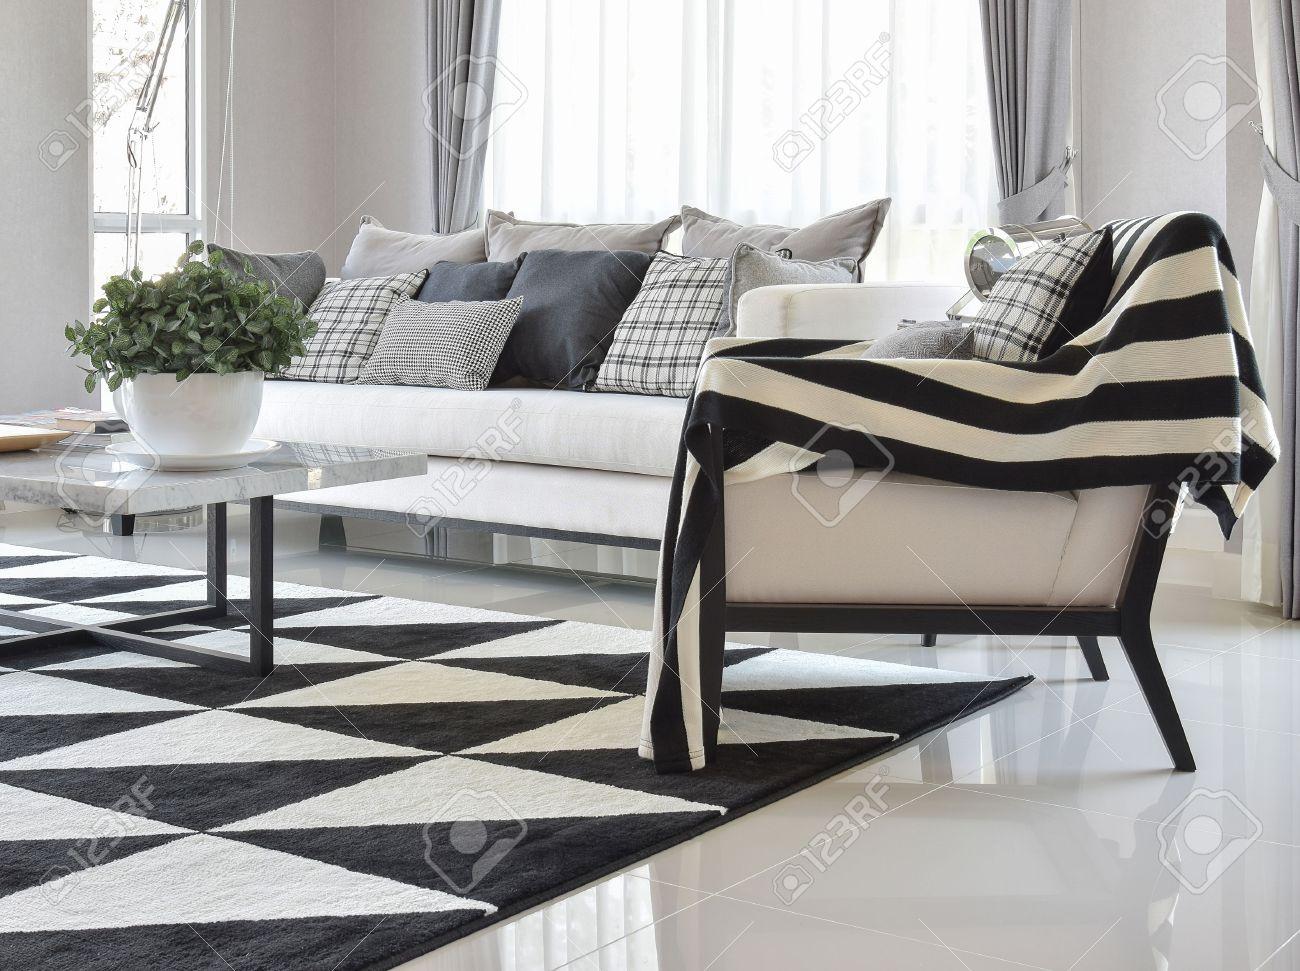 Modernen Wohnzimmer Innenraum Mit Schwarzem Und Weißem Karo-Muster ...